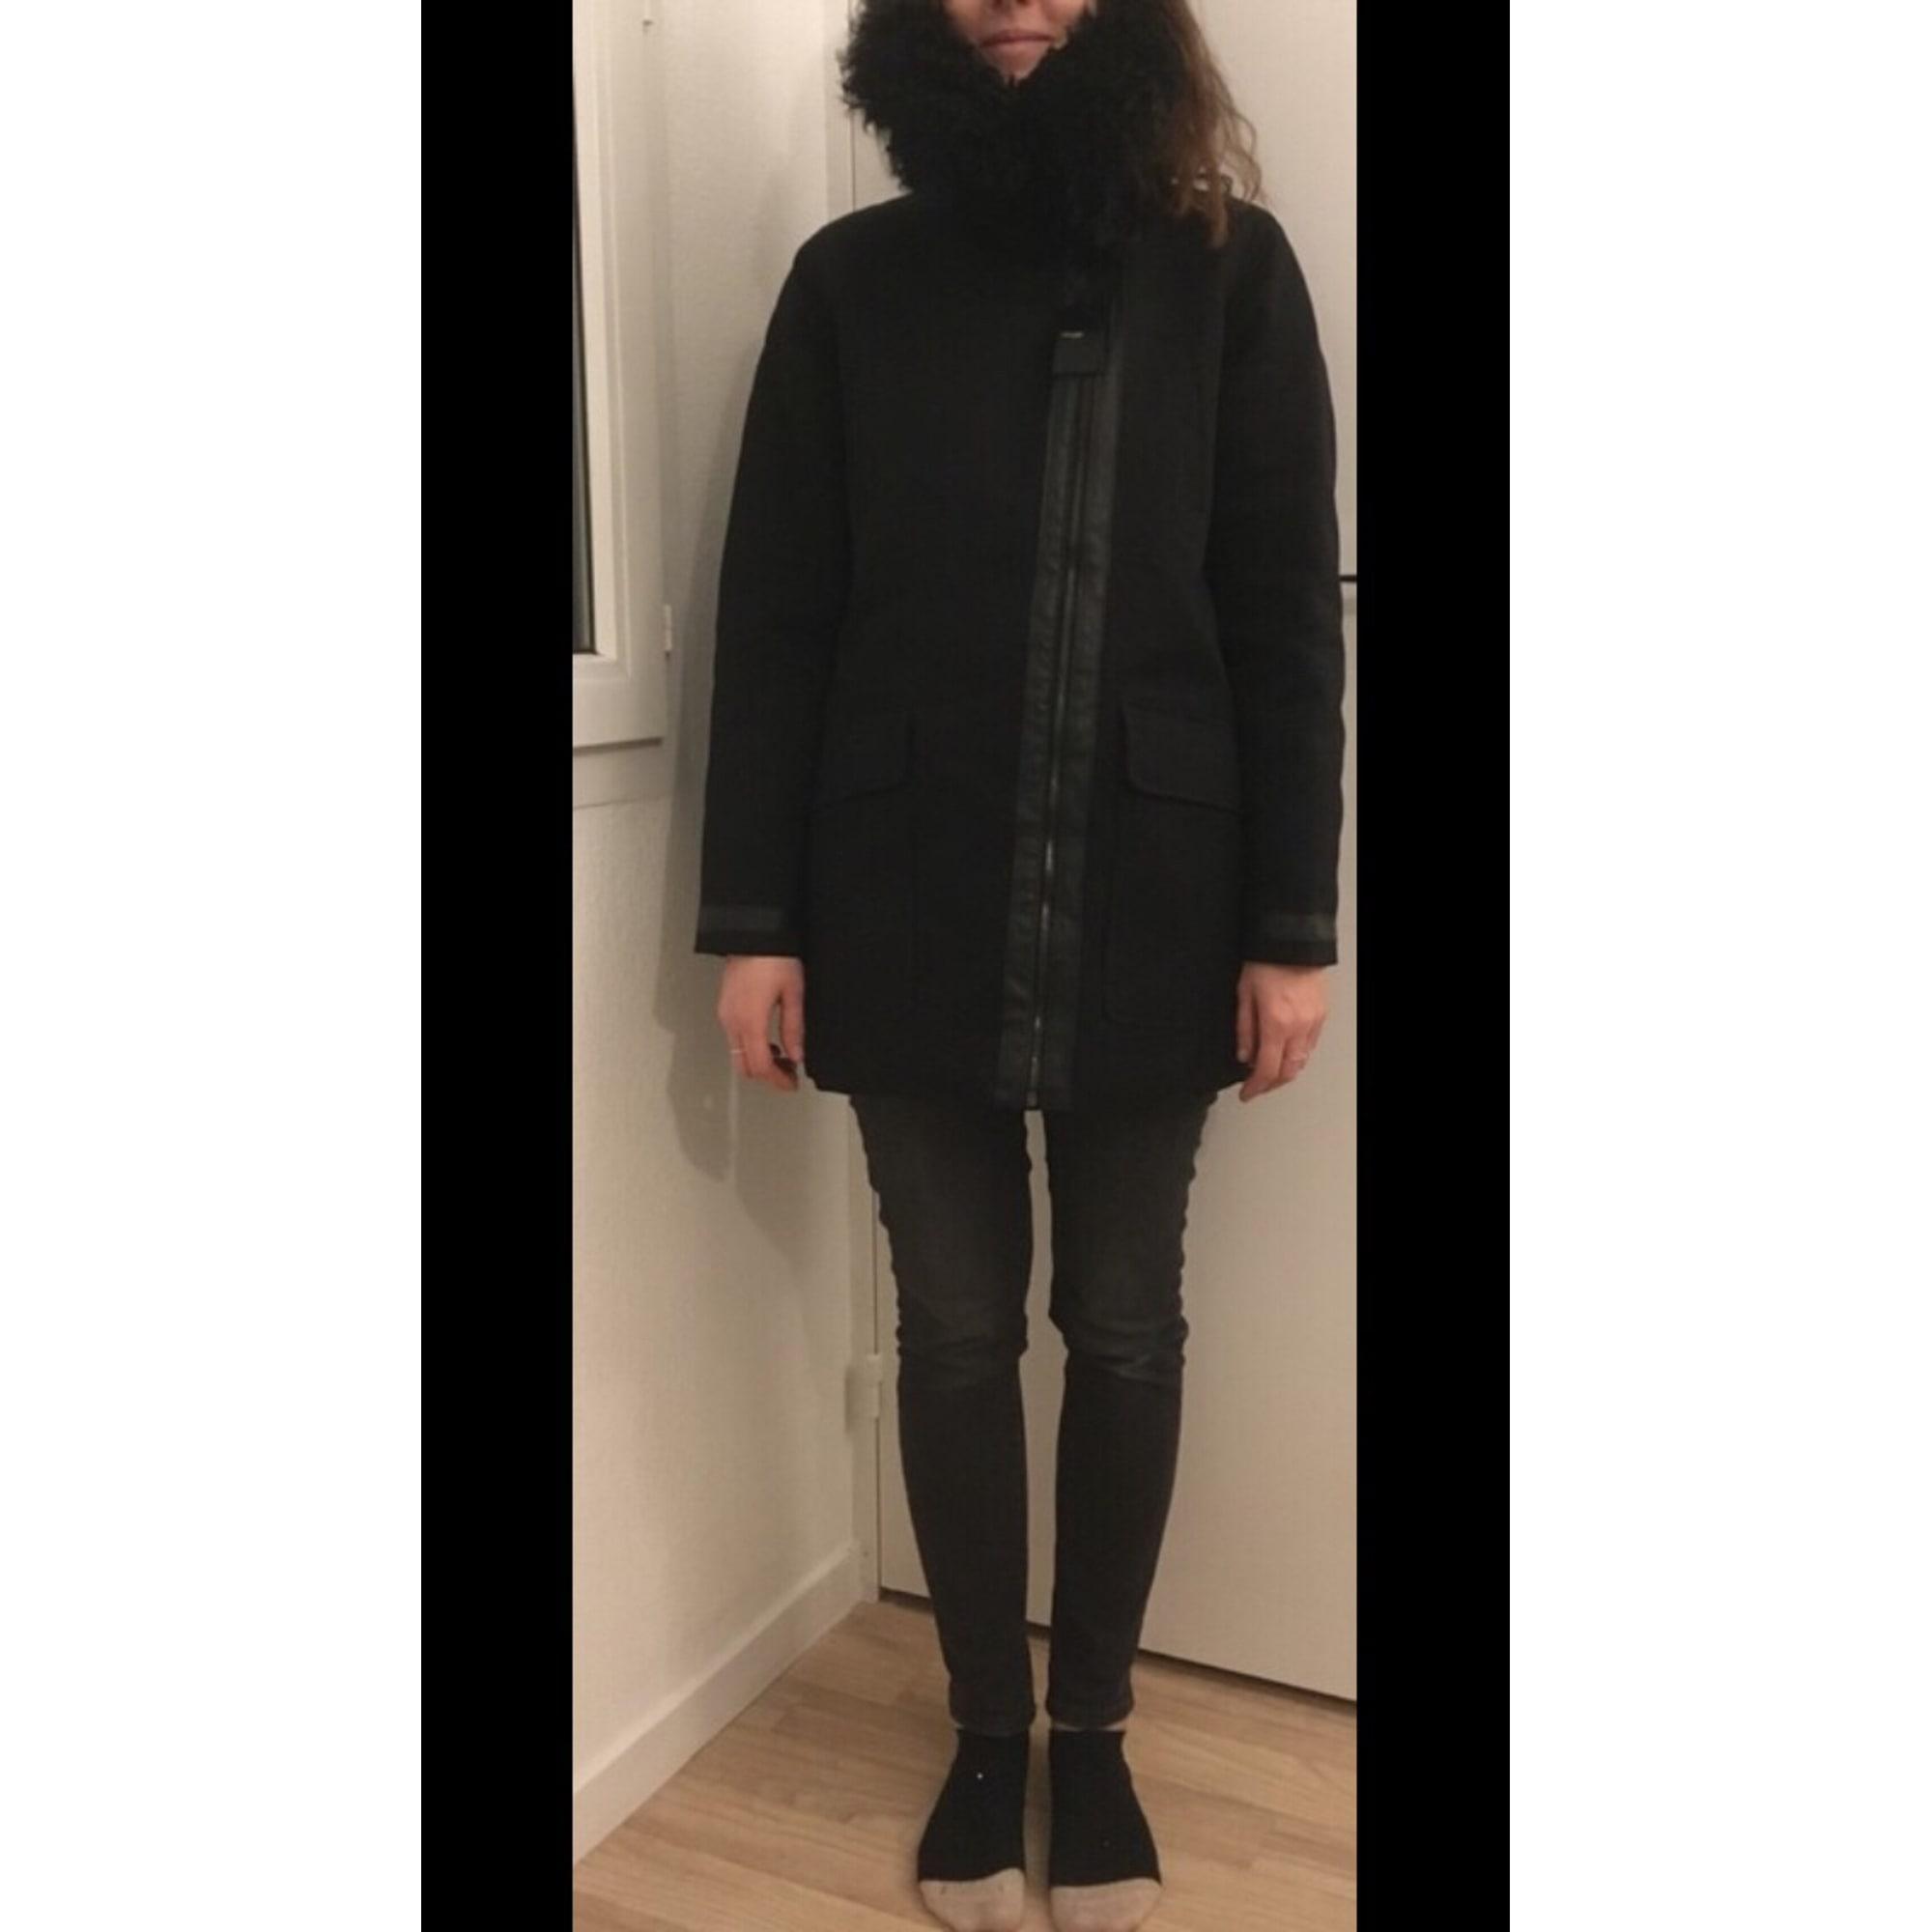 Maje Manteau coton autre 38 (M, T2)